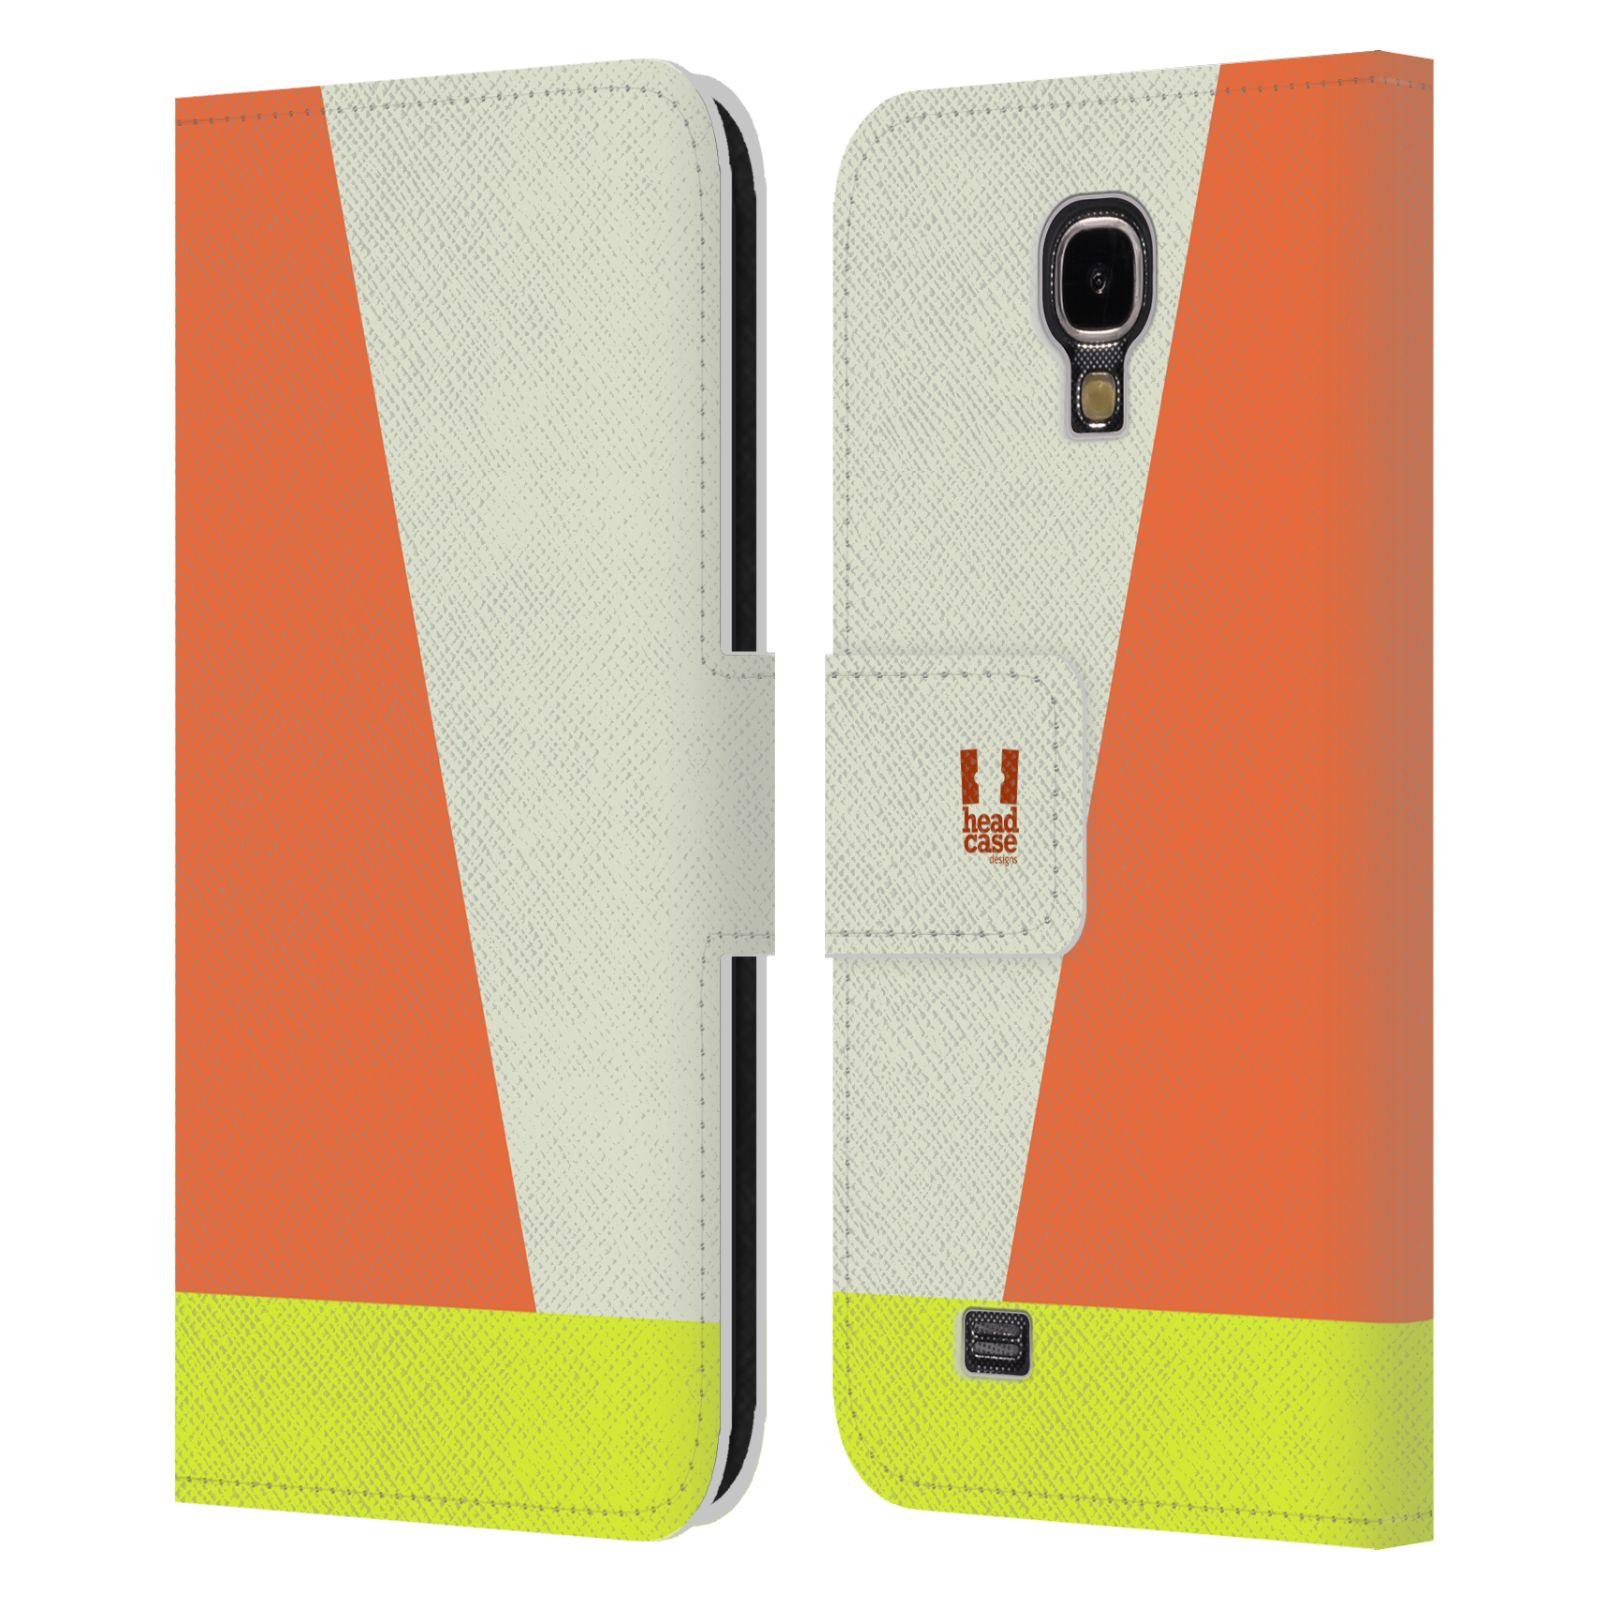 HEAD CASE Flipové pouzdro pro mobil Samsung Galaxy S4 I9500 barevné tvary slonová kost